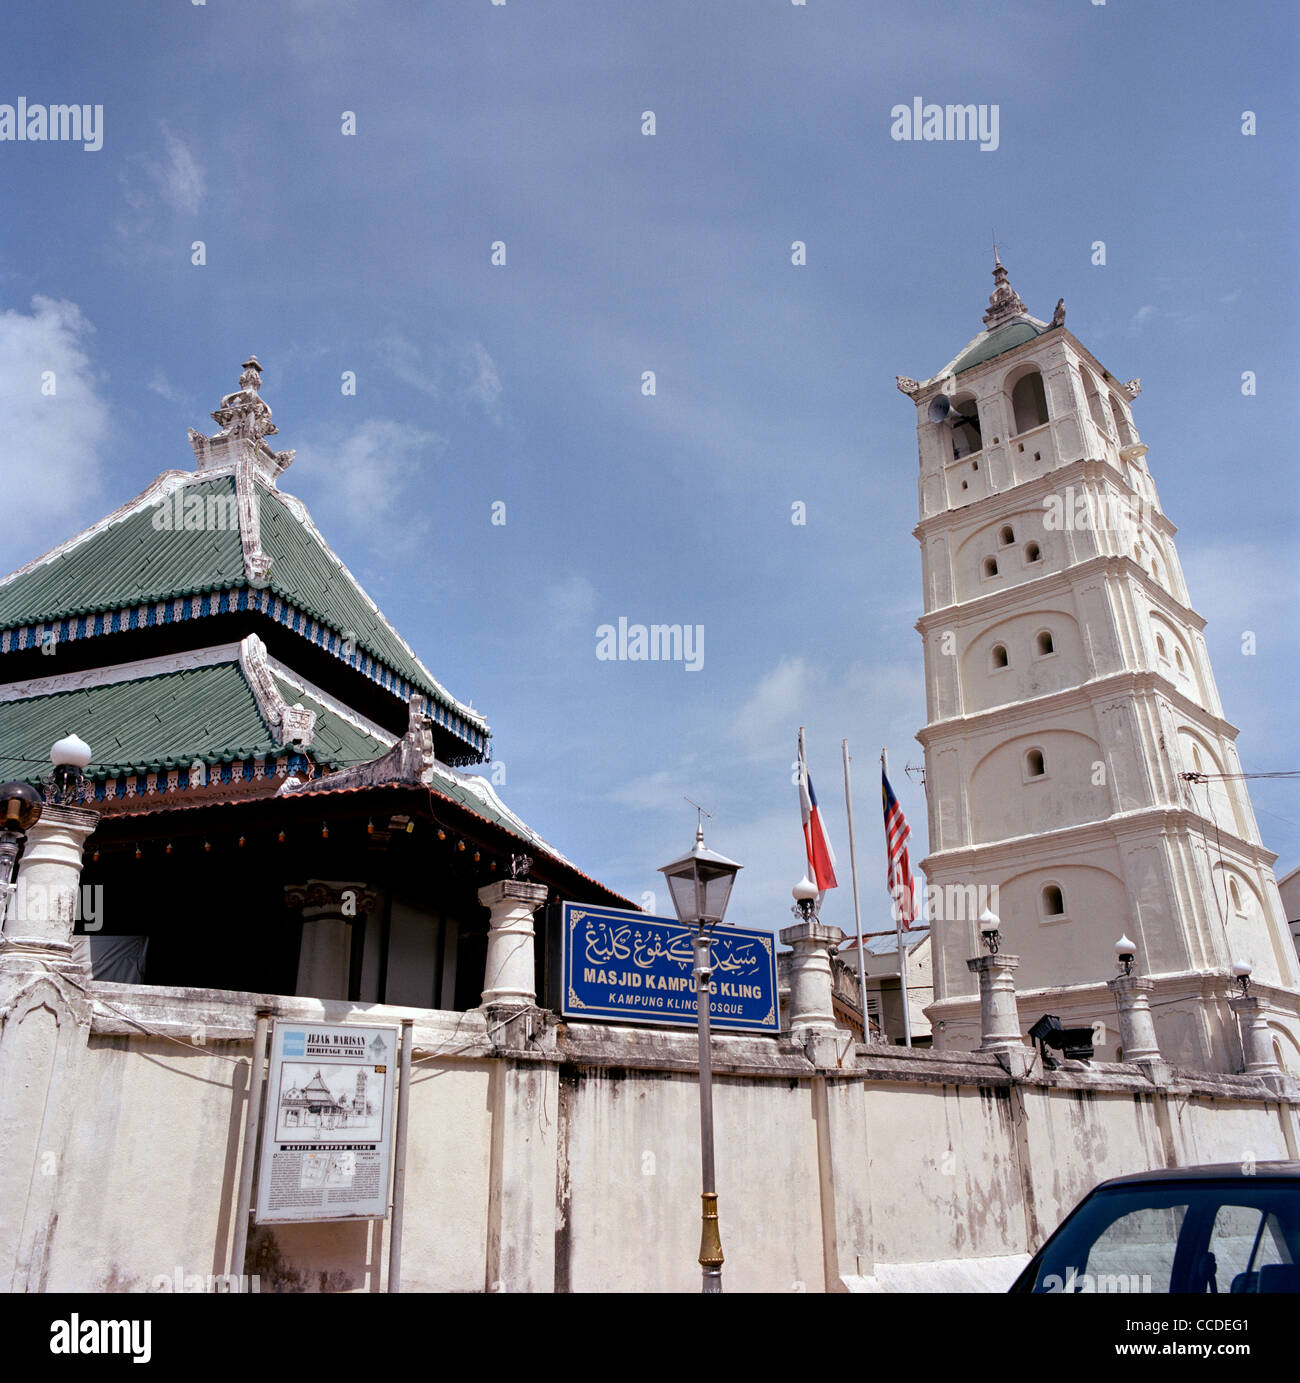 Il musulmano Kampung Kling edificio moschea in Malacca Malacca in Malesia in Estremo Oriente Asia sud-orientale. Immagini Stock